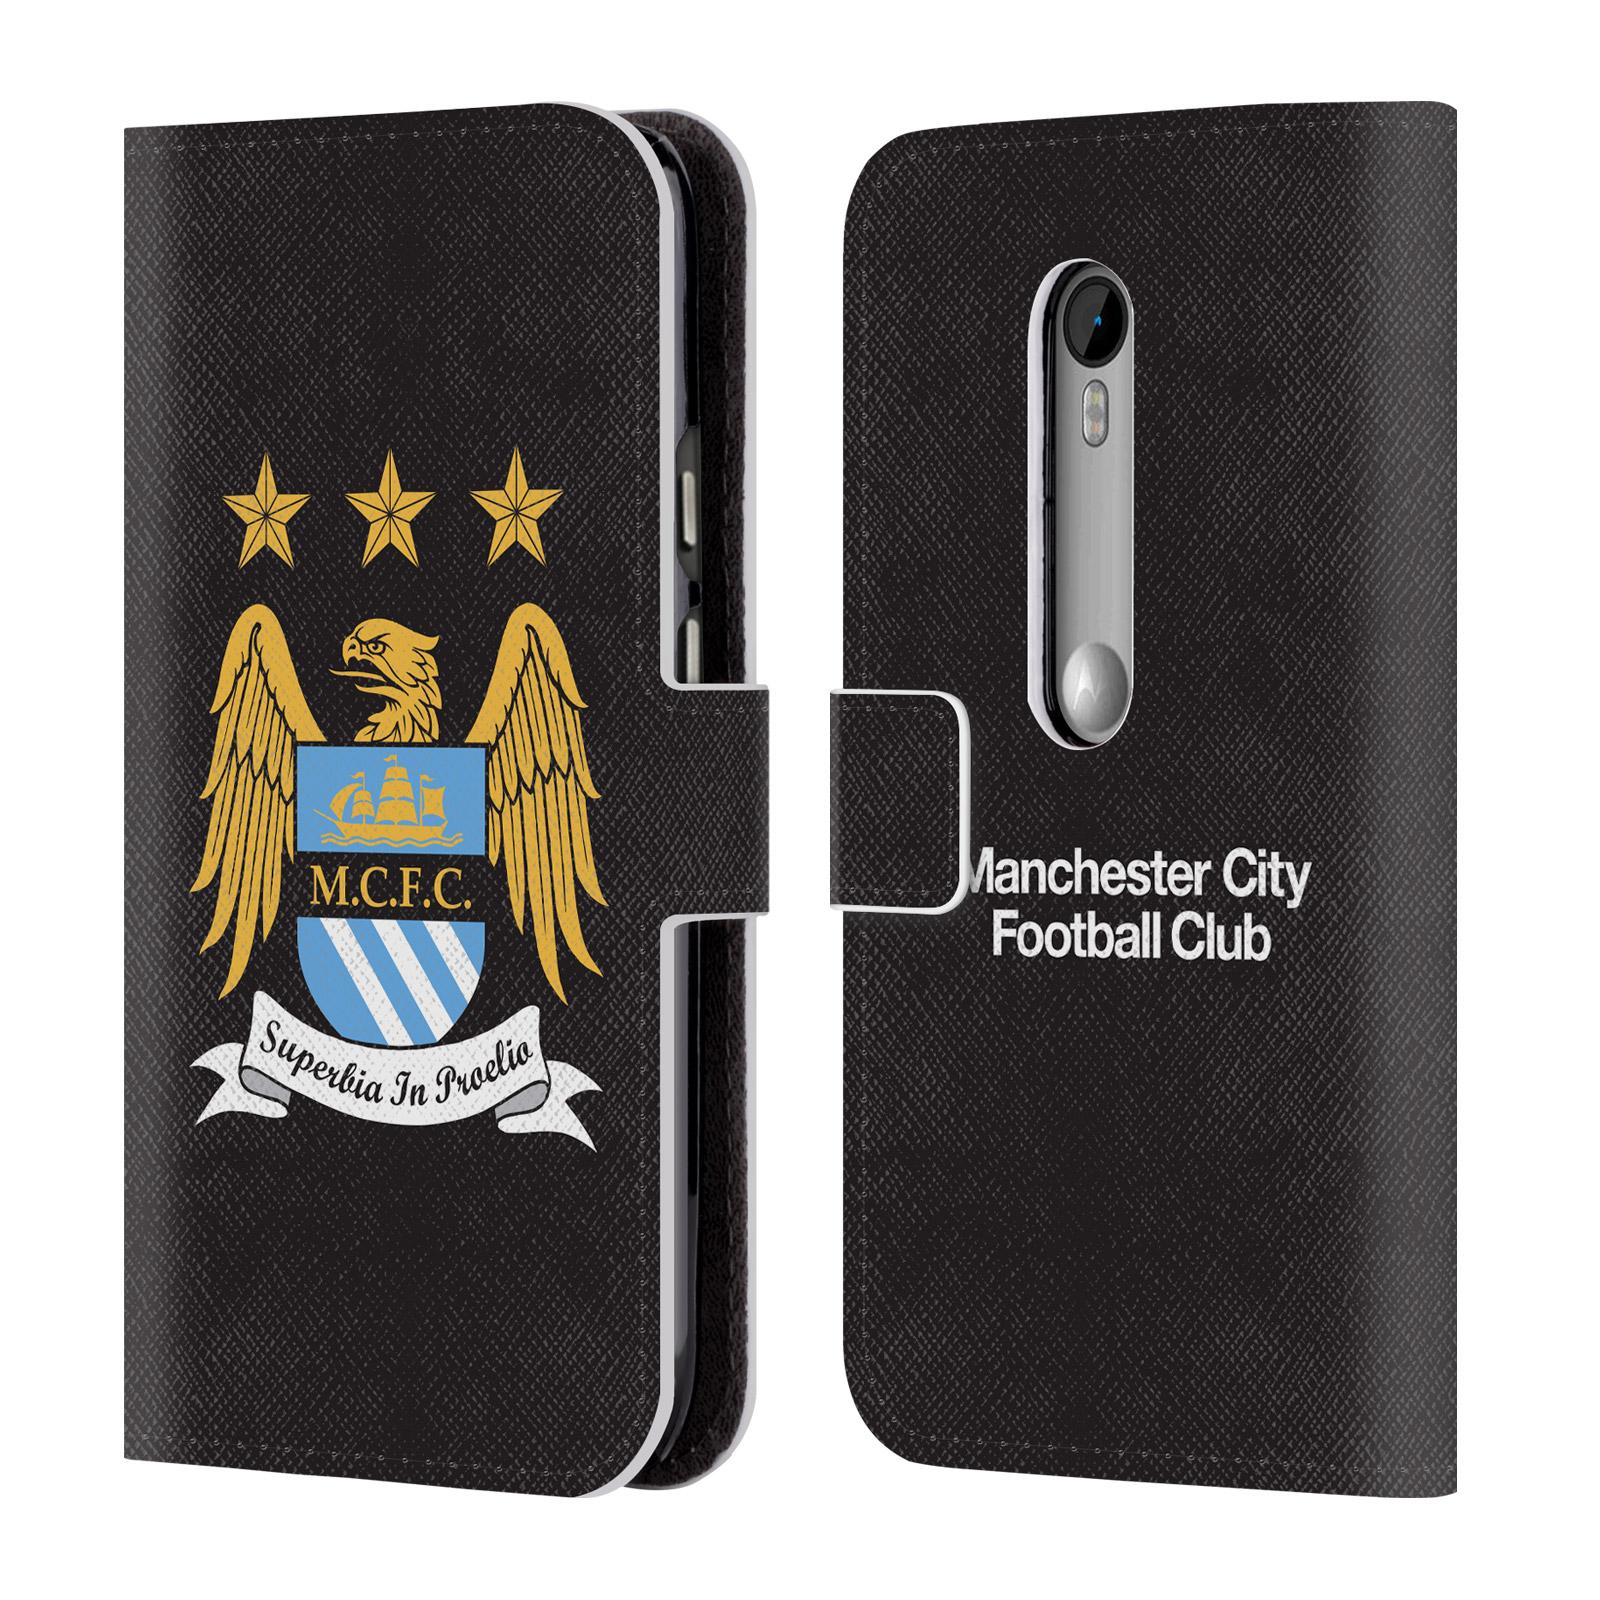 HEAD CASE Flipové pouzdro pro mobil Motorola Moto G3 (Moto G 3rd. gen) Oficiální Manchester City znak a černé pozadí